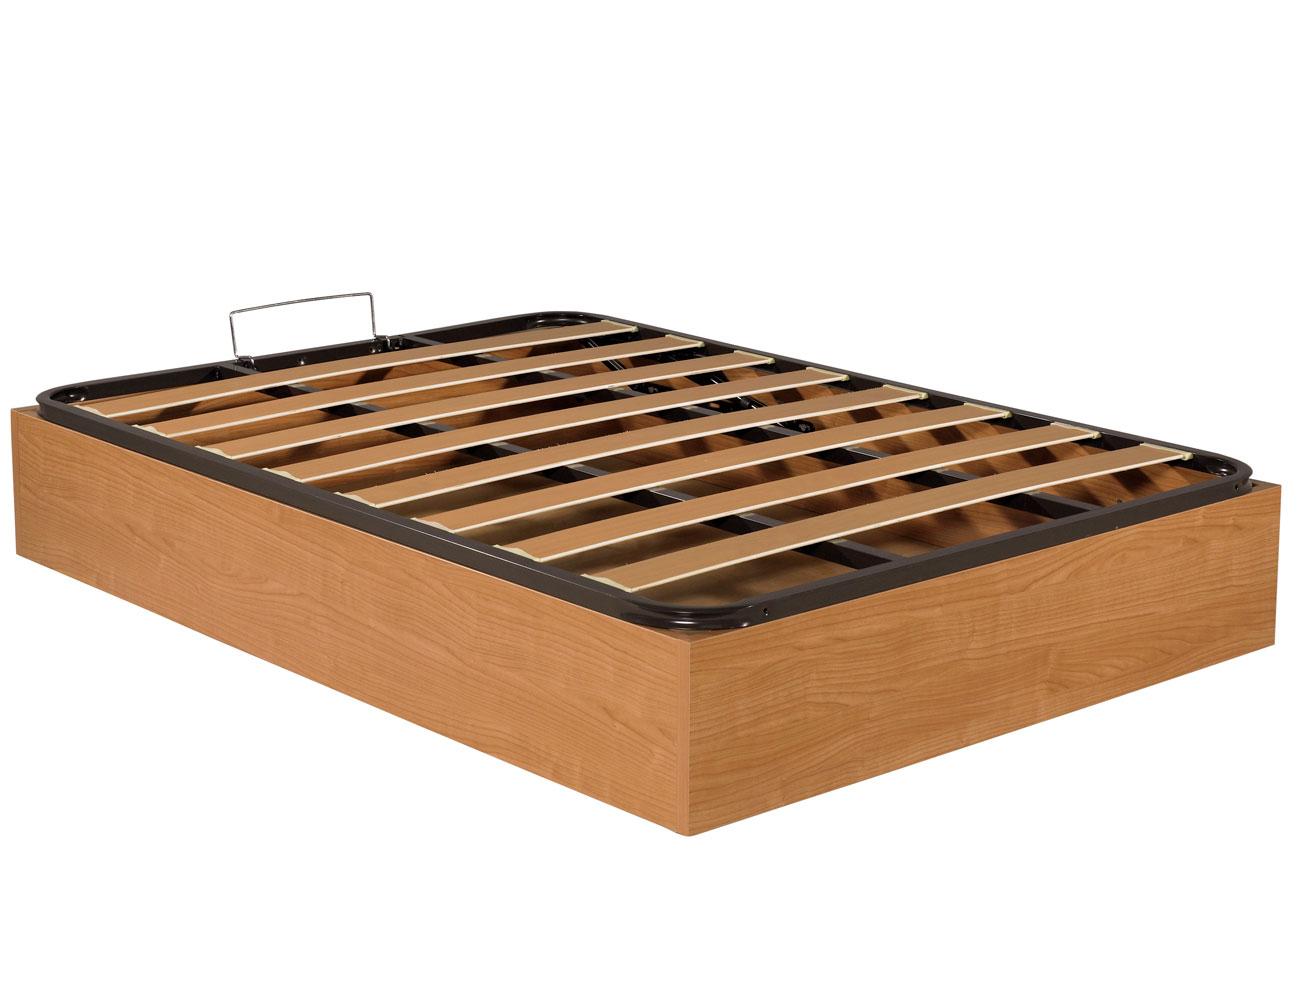 Canape madera somier basic nogal cerrado